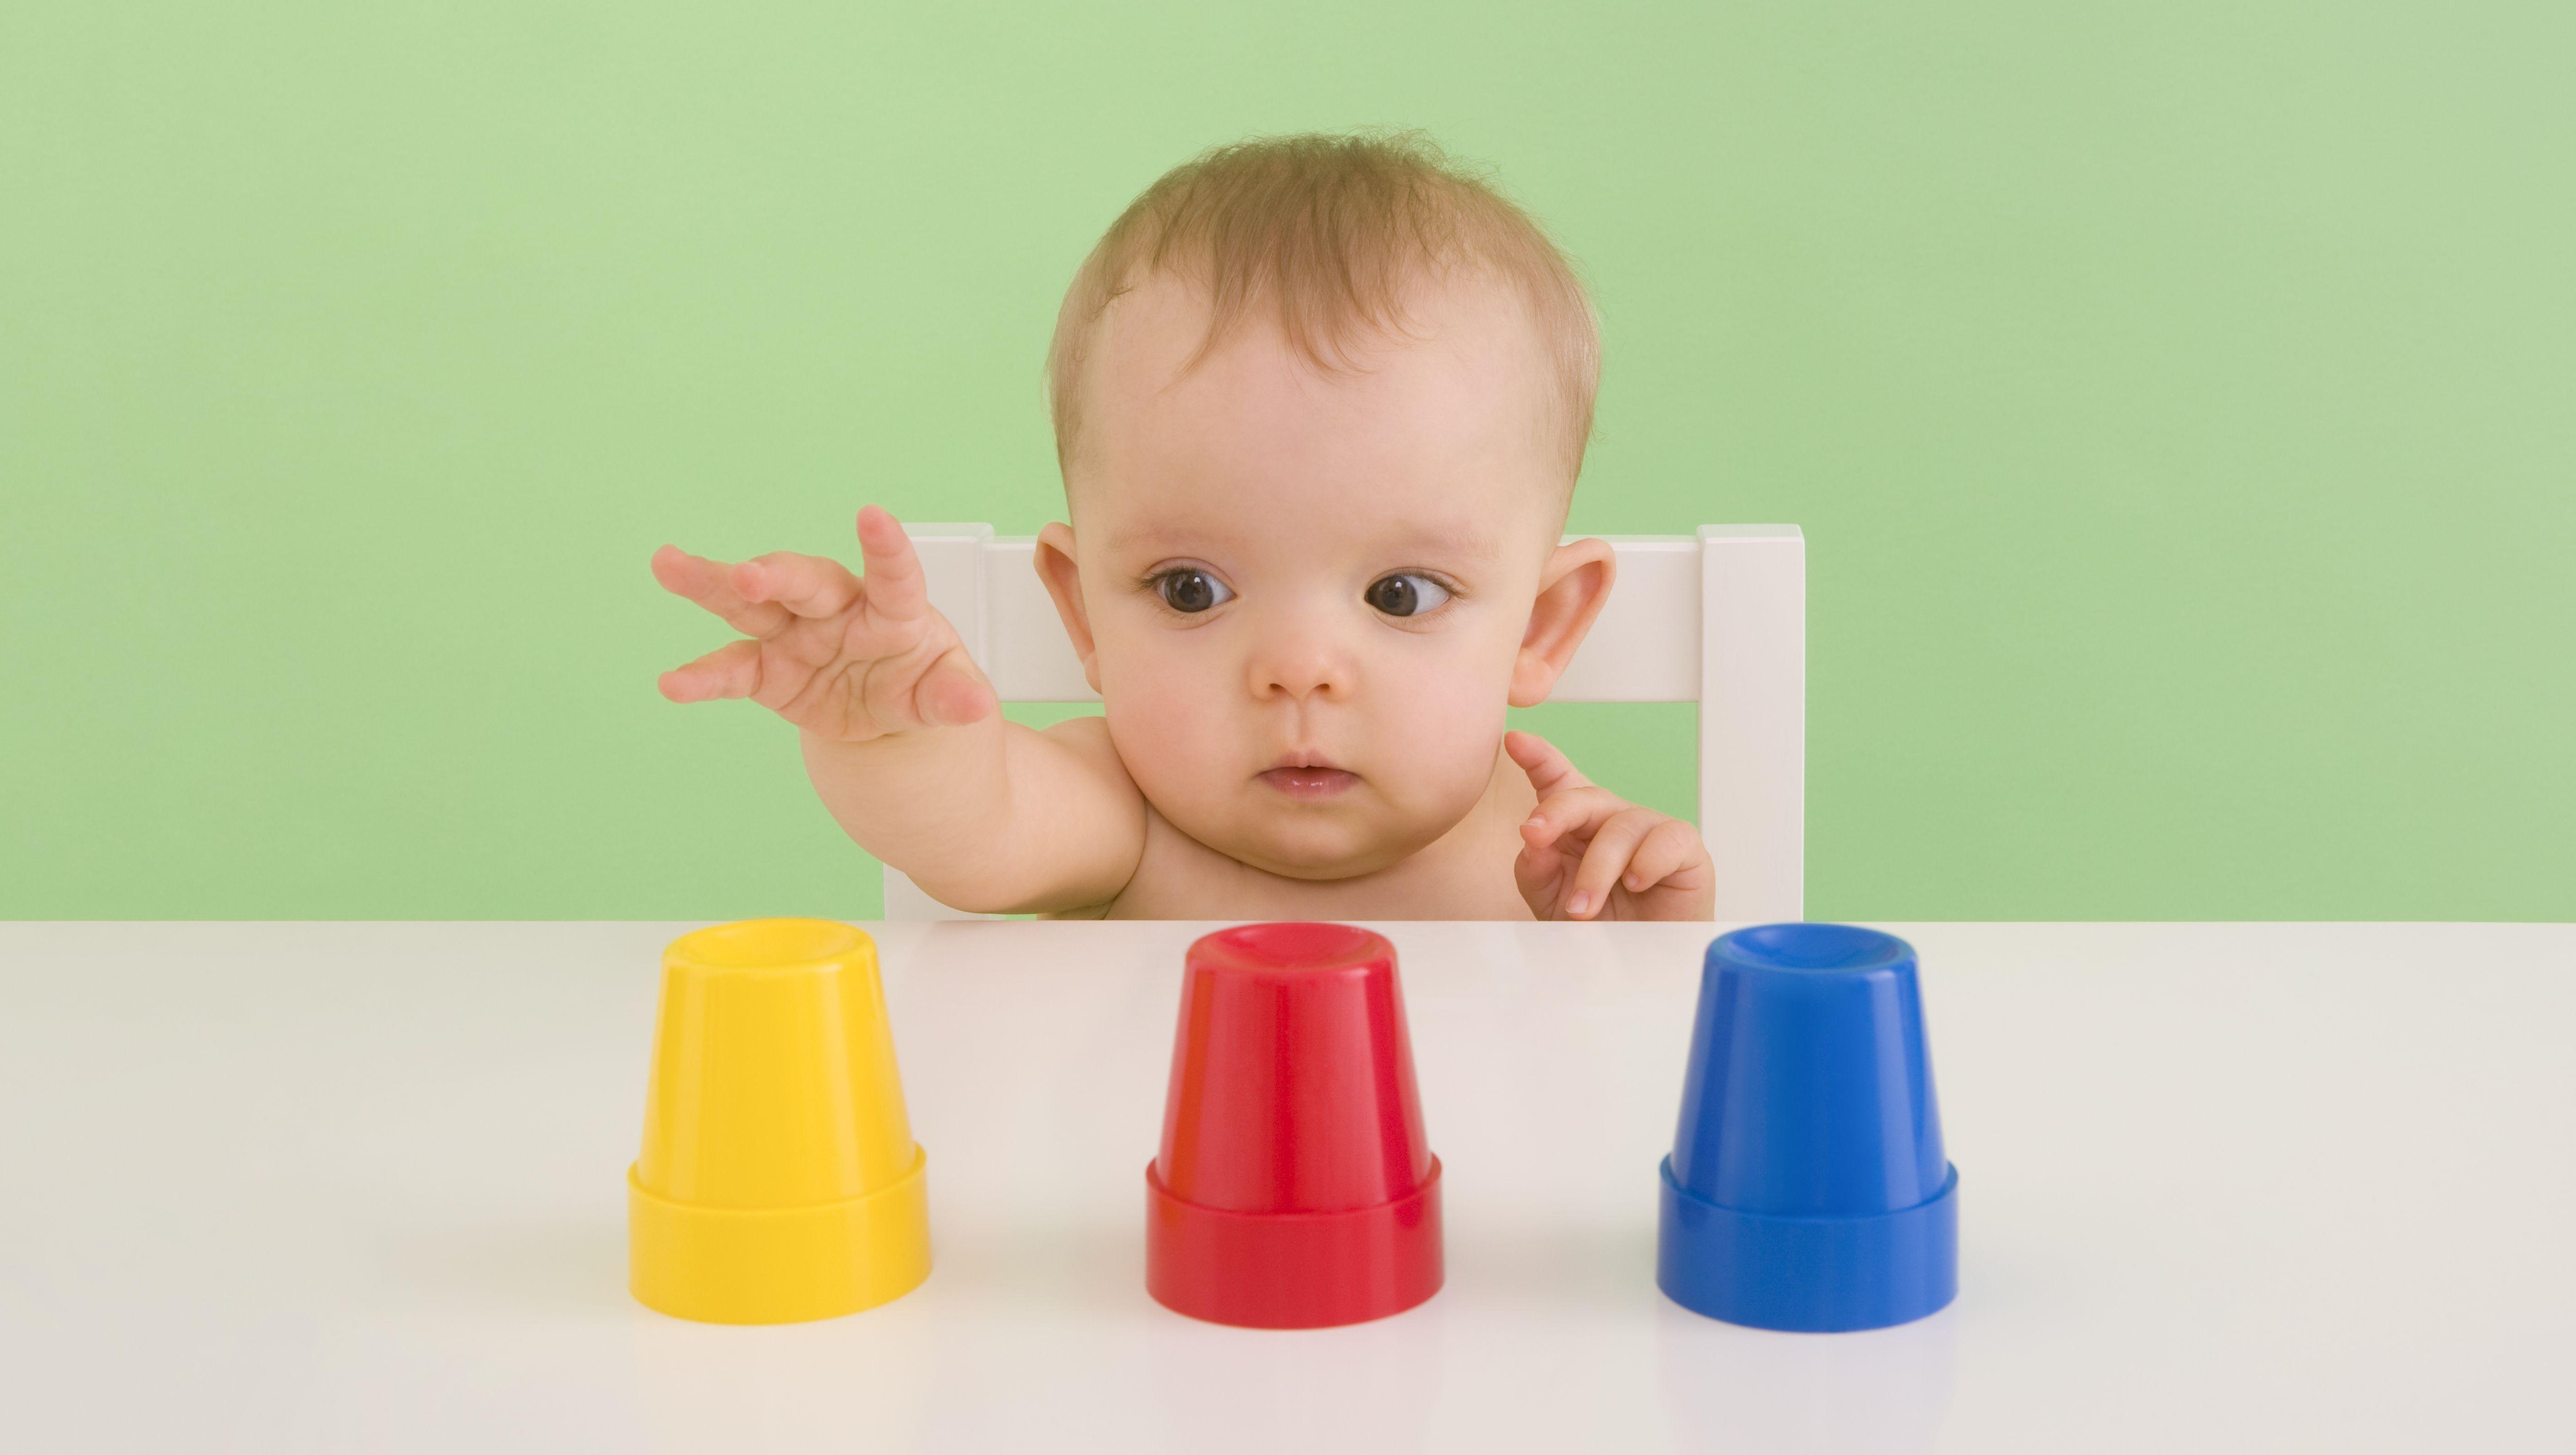 ¿Quieres saber cómo manipular la elección de un niño en edad preescolar?